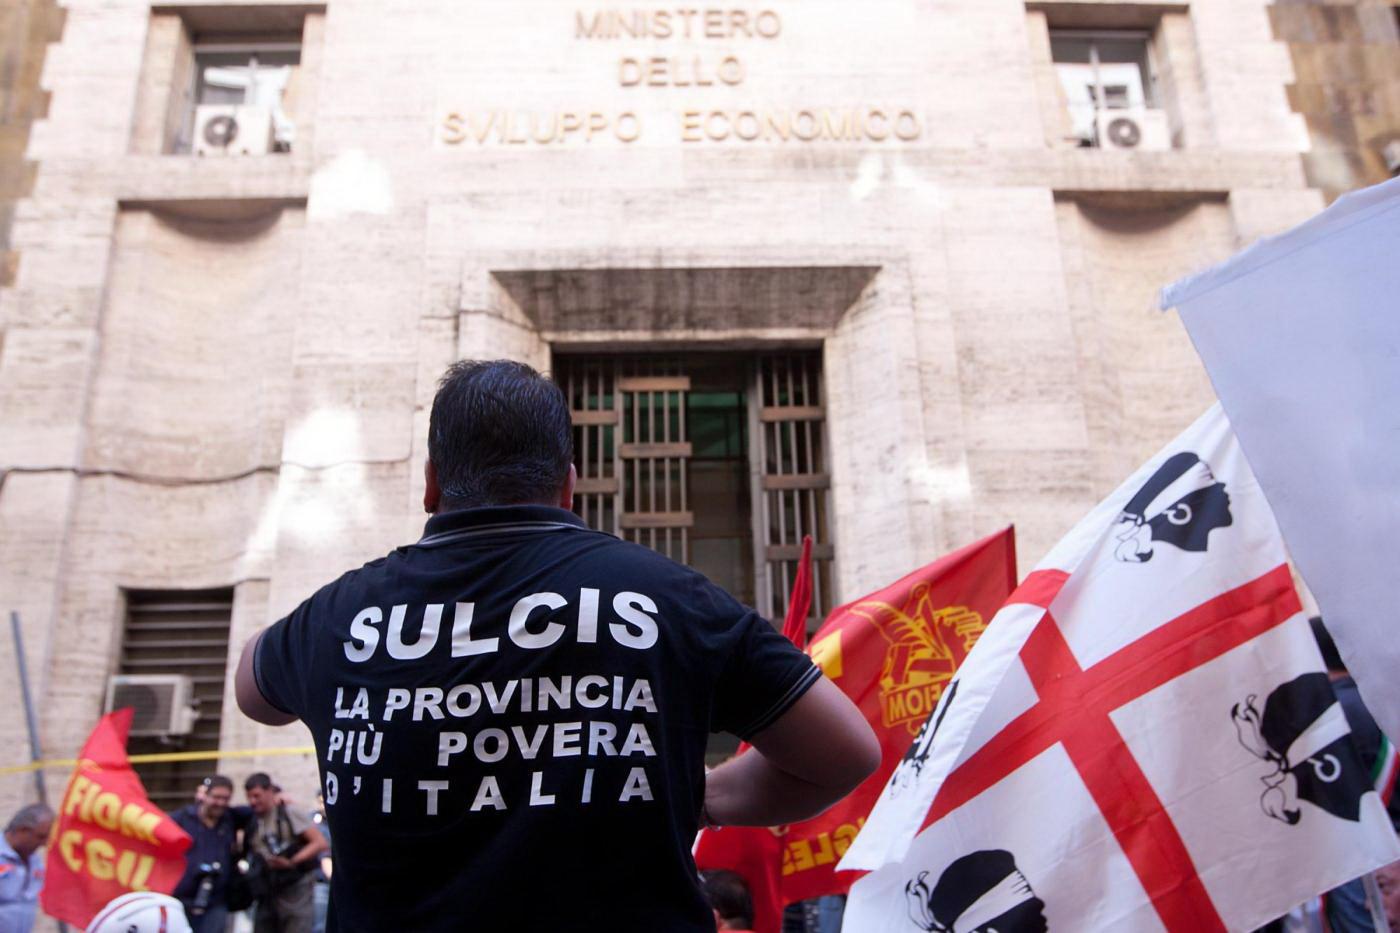 sulcis-4